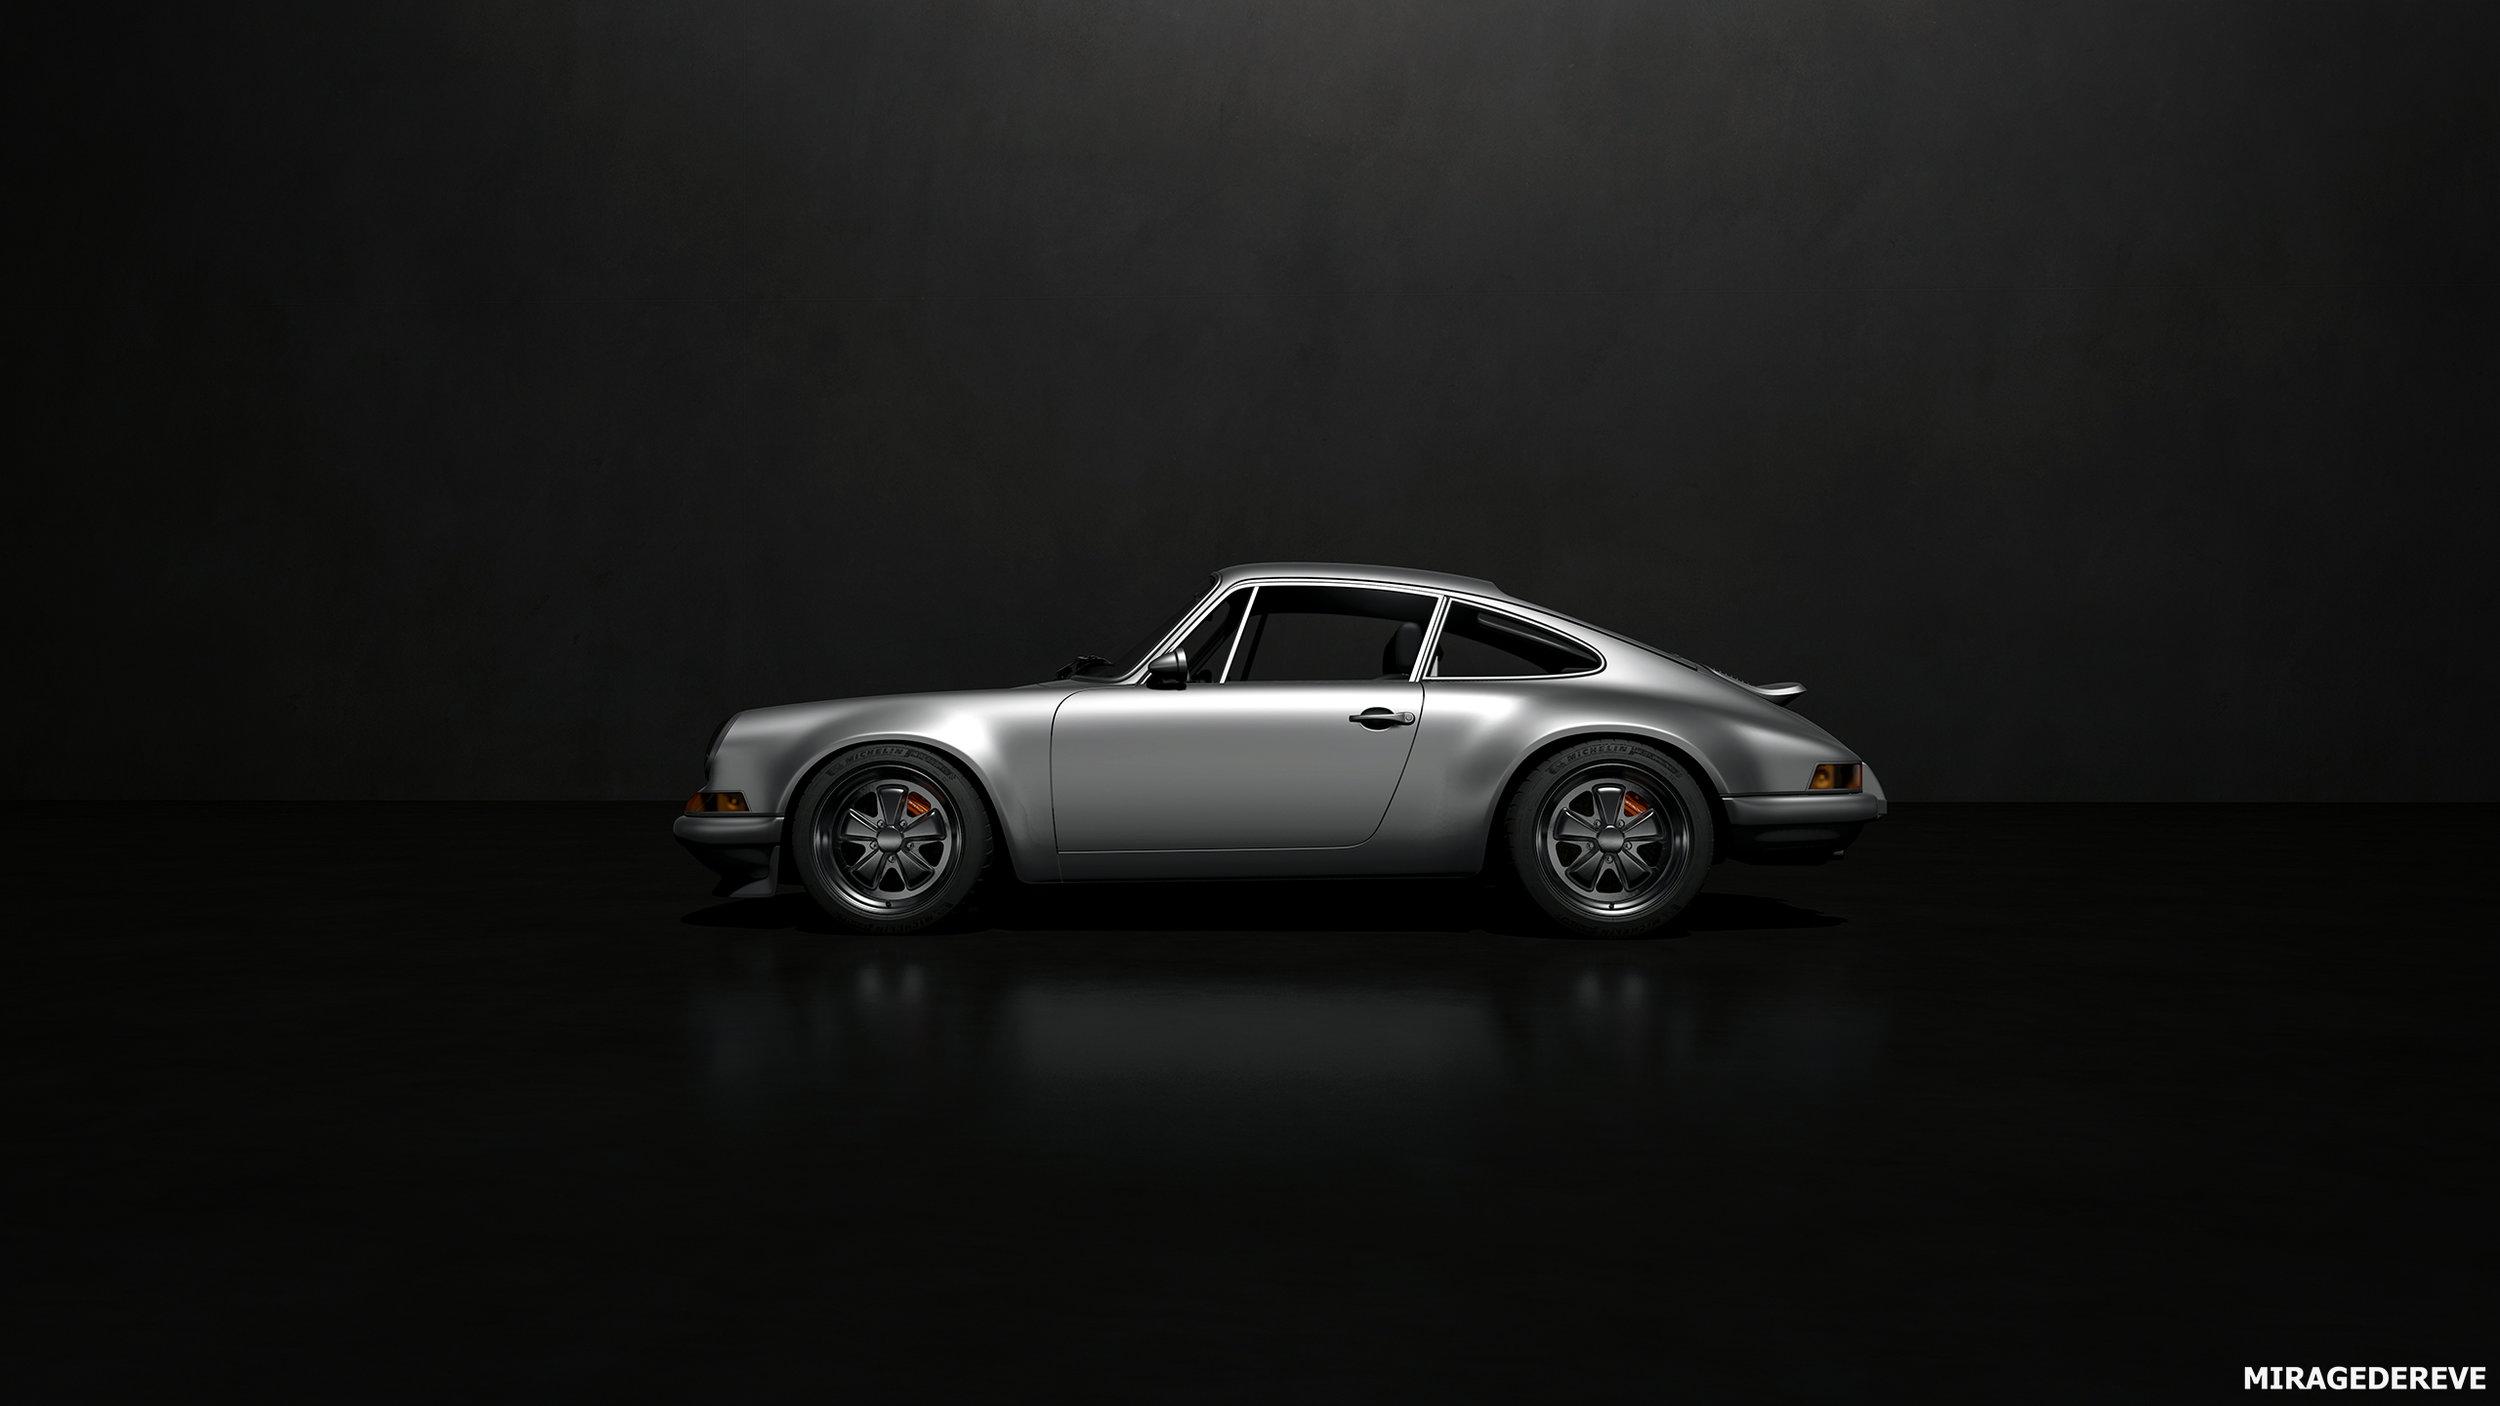 Singer Porsche_001_by Kristijan Tavcar.jpg